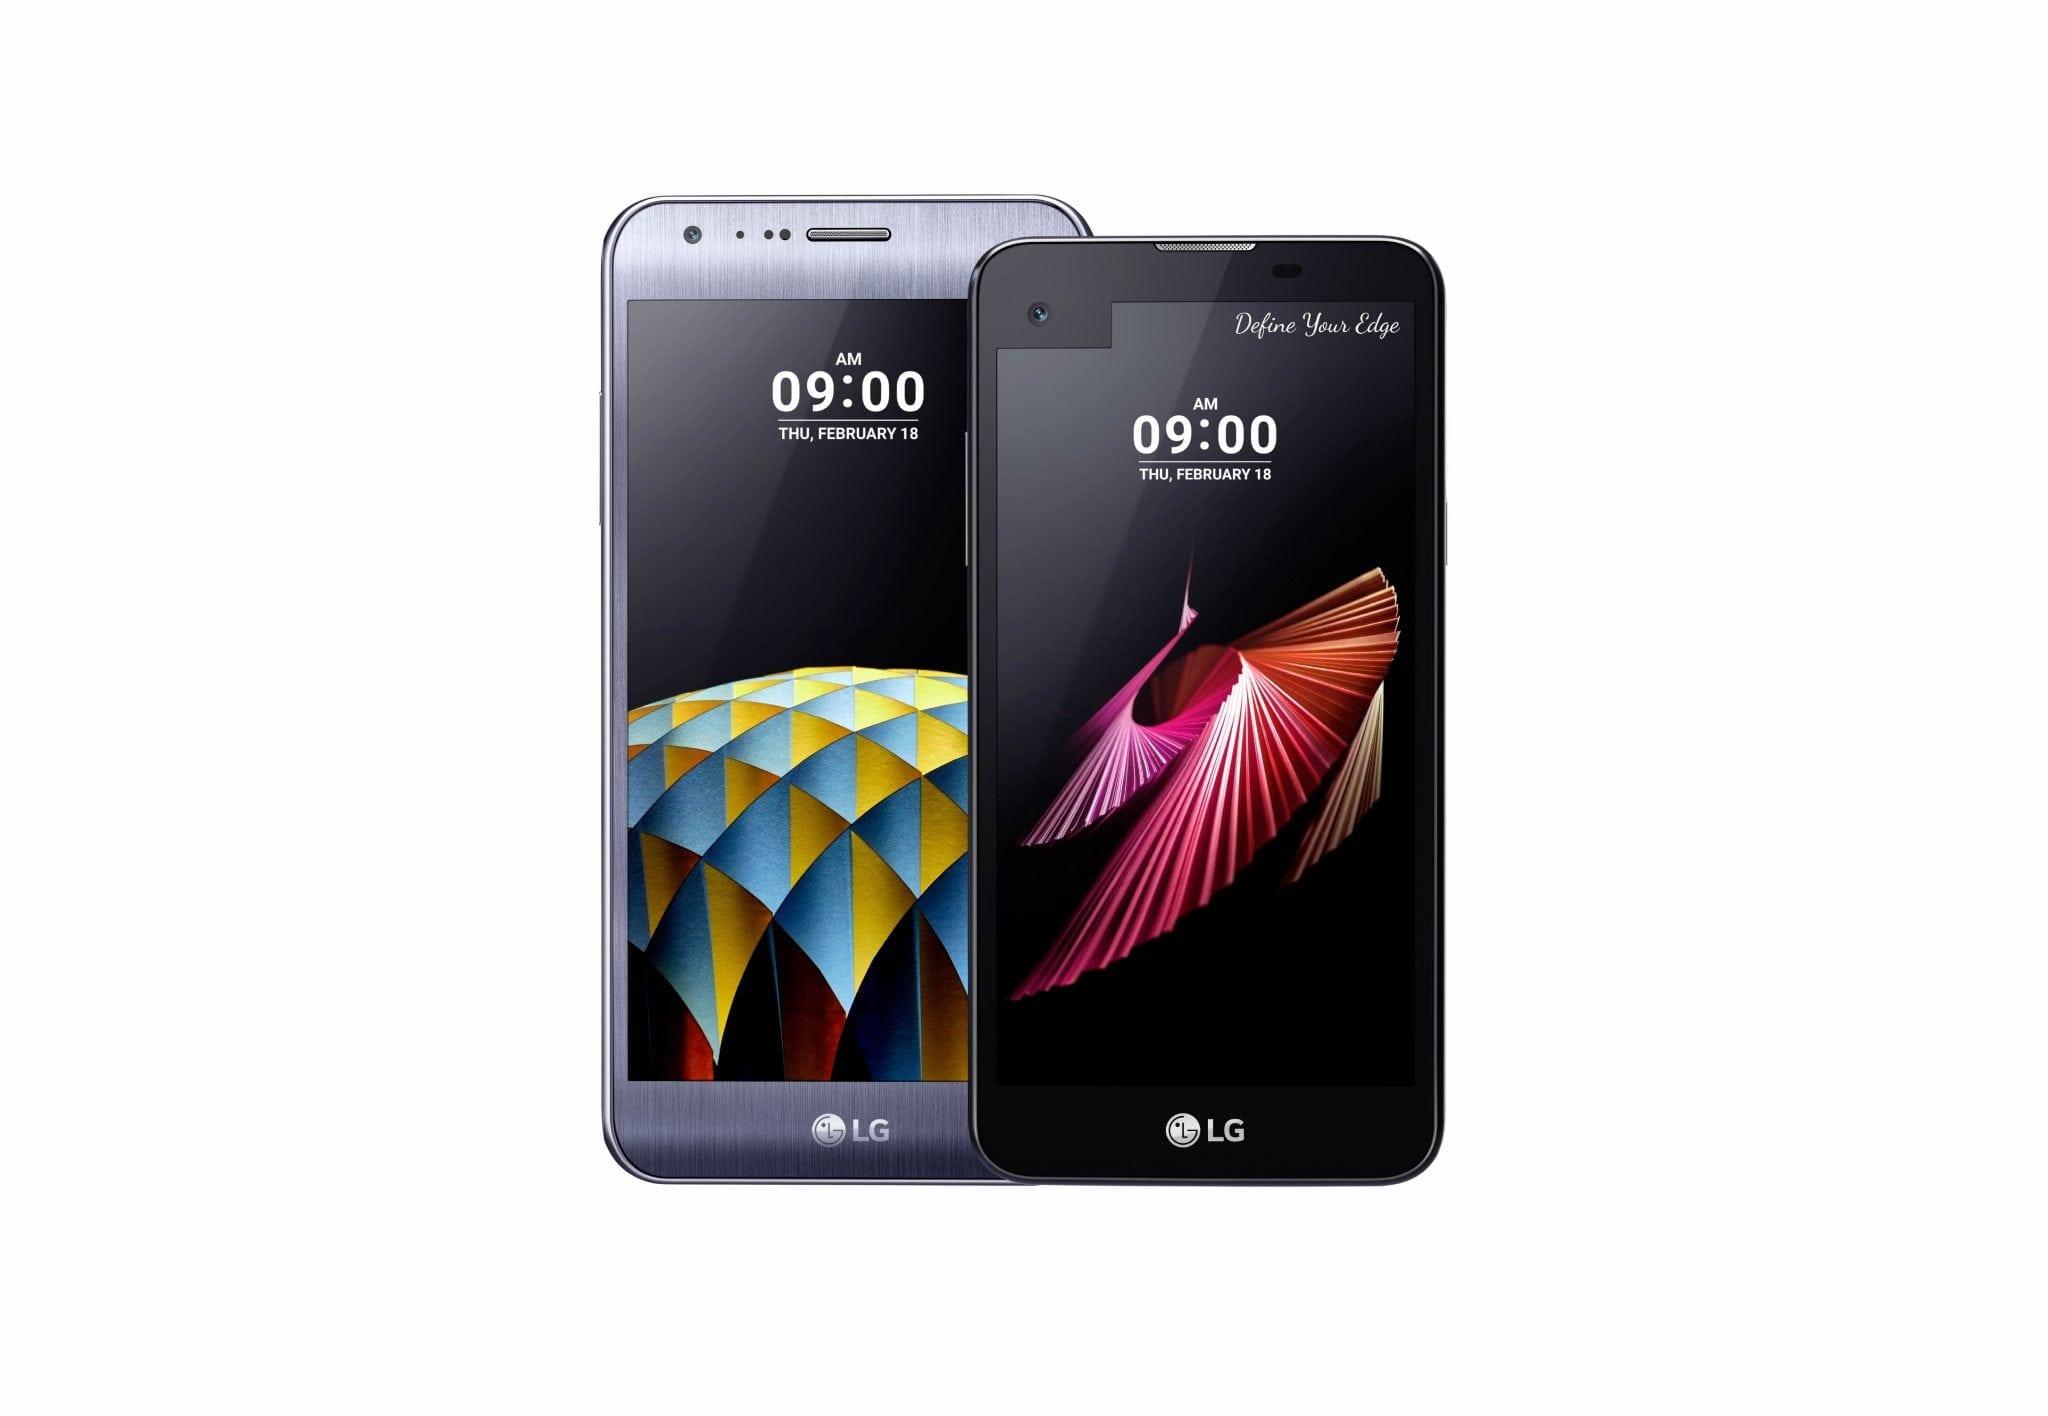 X cam și X screen, două noi smartphone-uri semnate LG